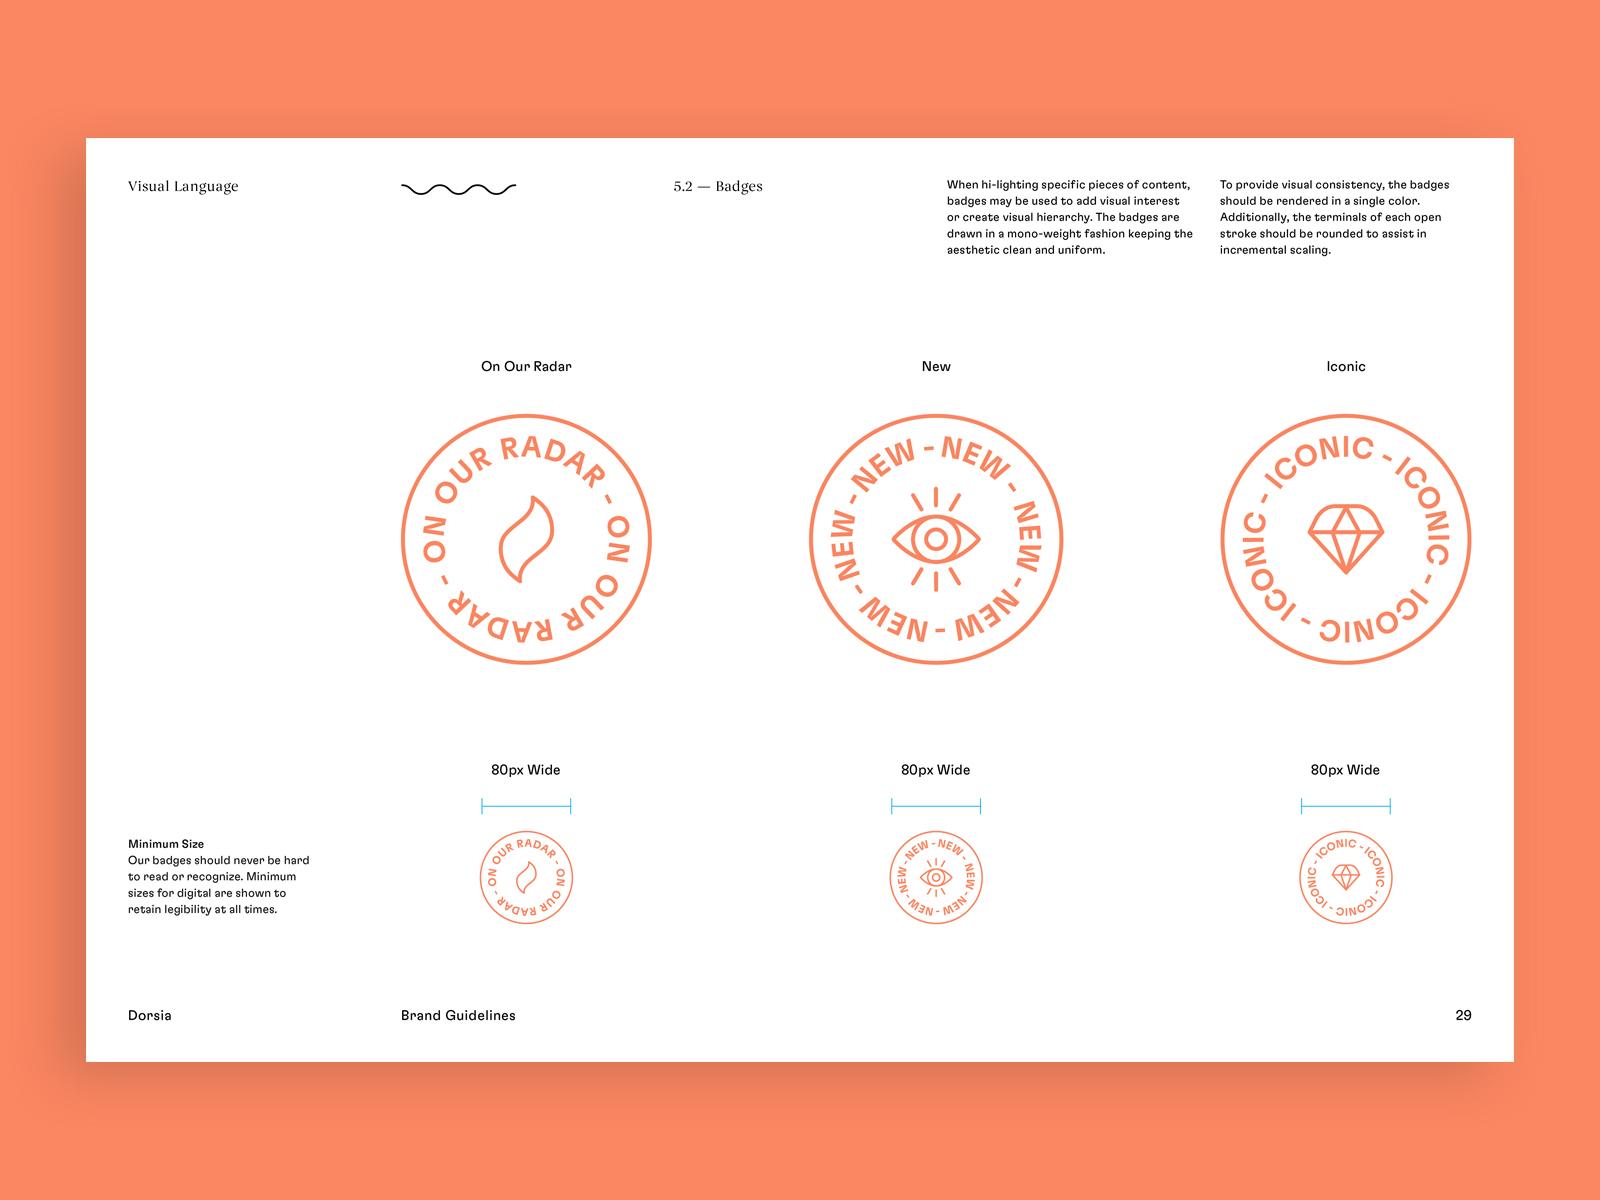 Dorsia guidelines p4 1600x1200